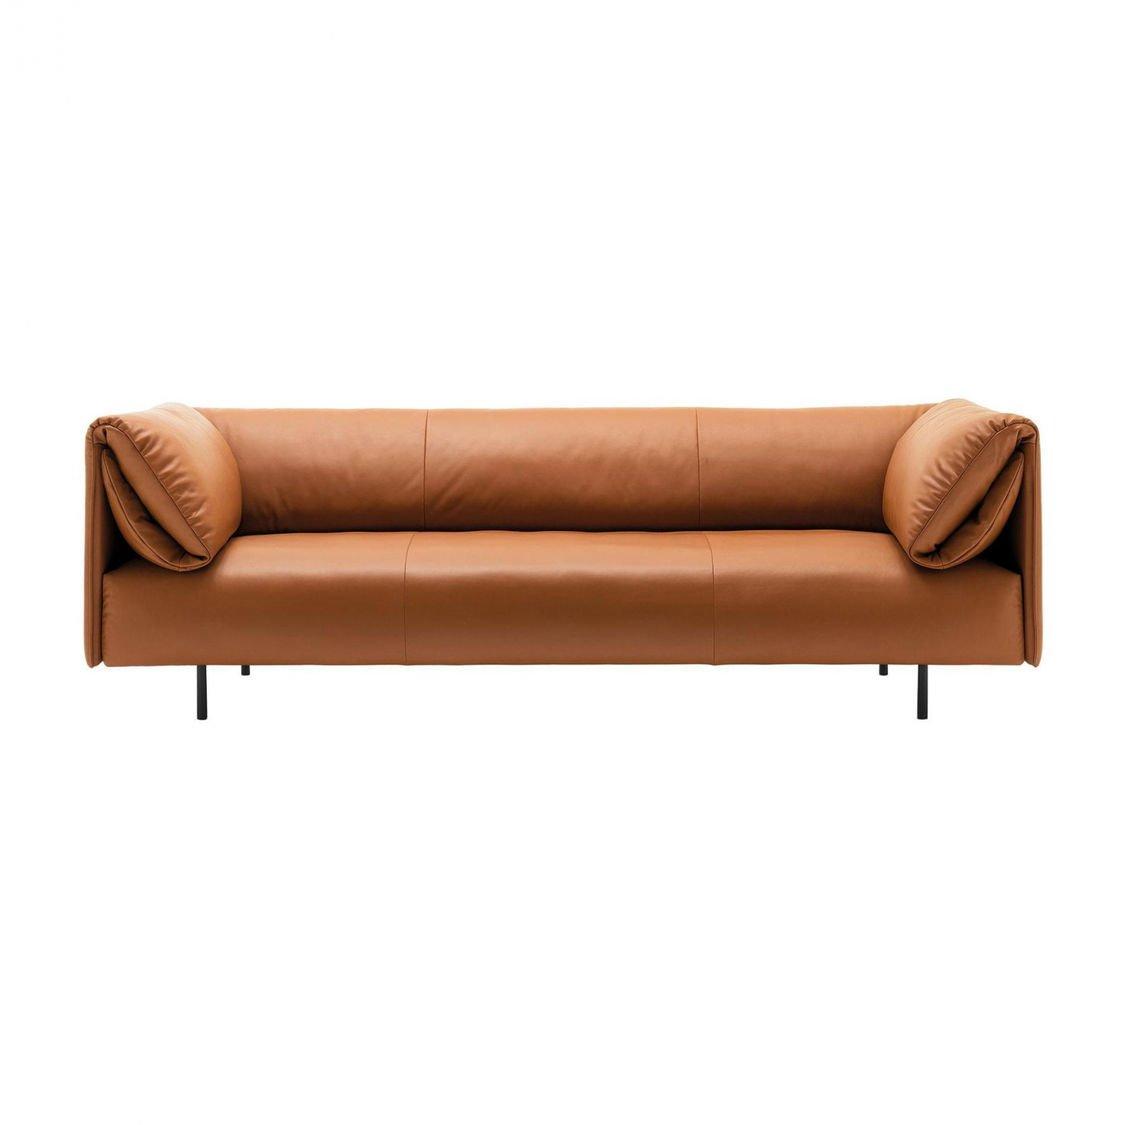 comfortable rolf benz sofa. Rolf Benz 520 Alma Sofa 4-seater Comfortable